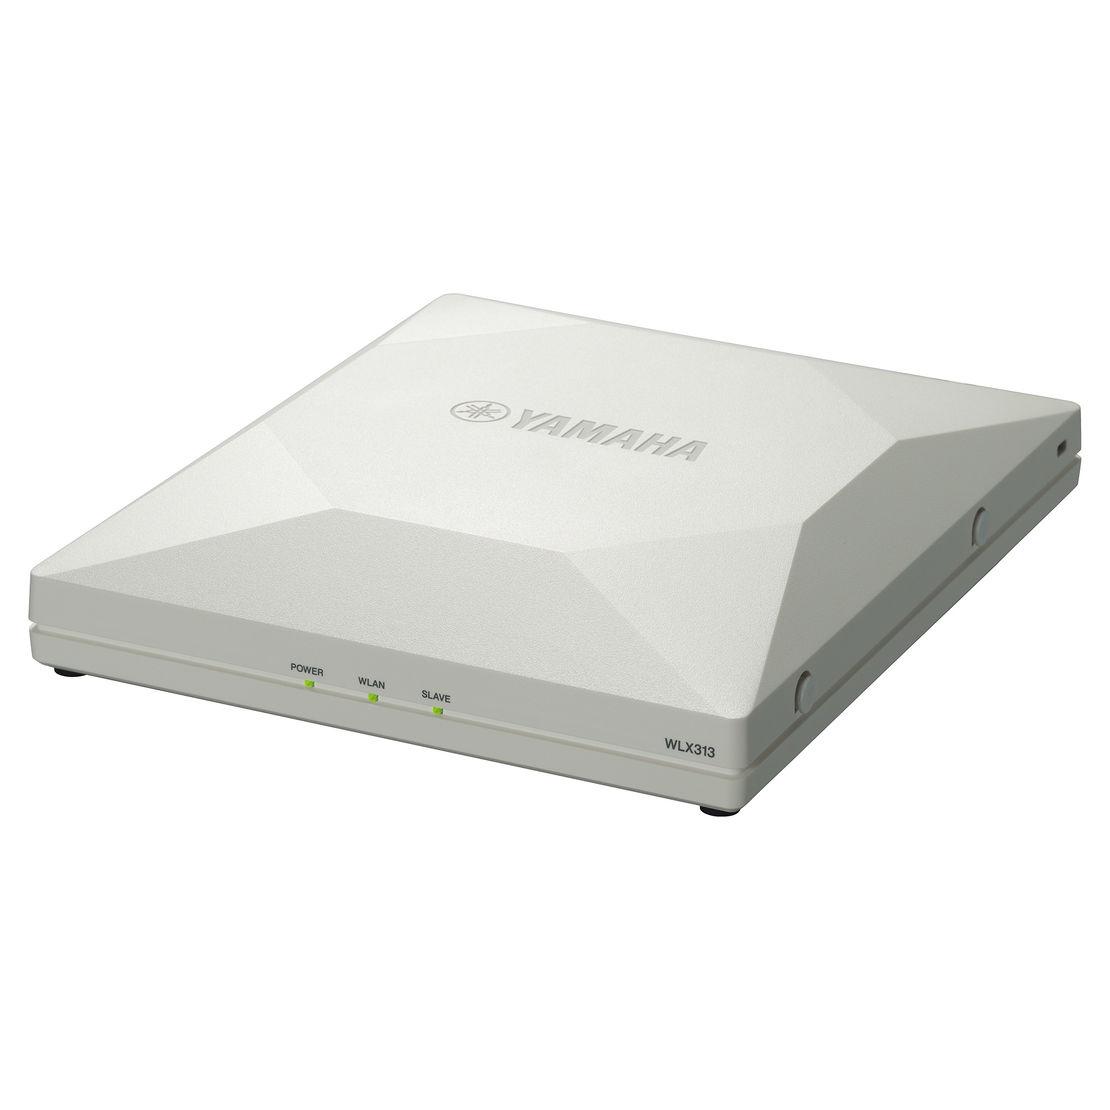 【新品】YAMAHA 無線LANアクセスポイント WLX313